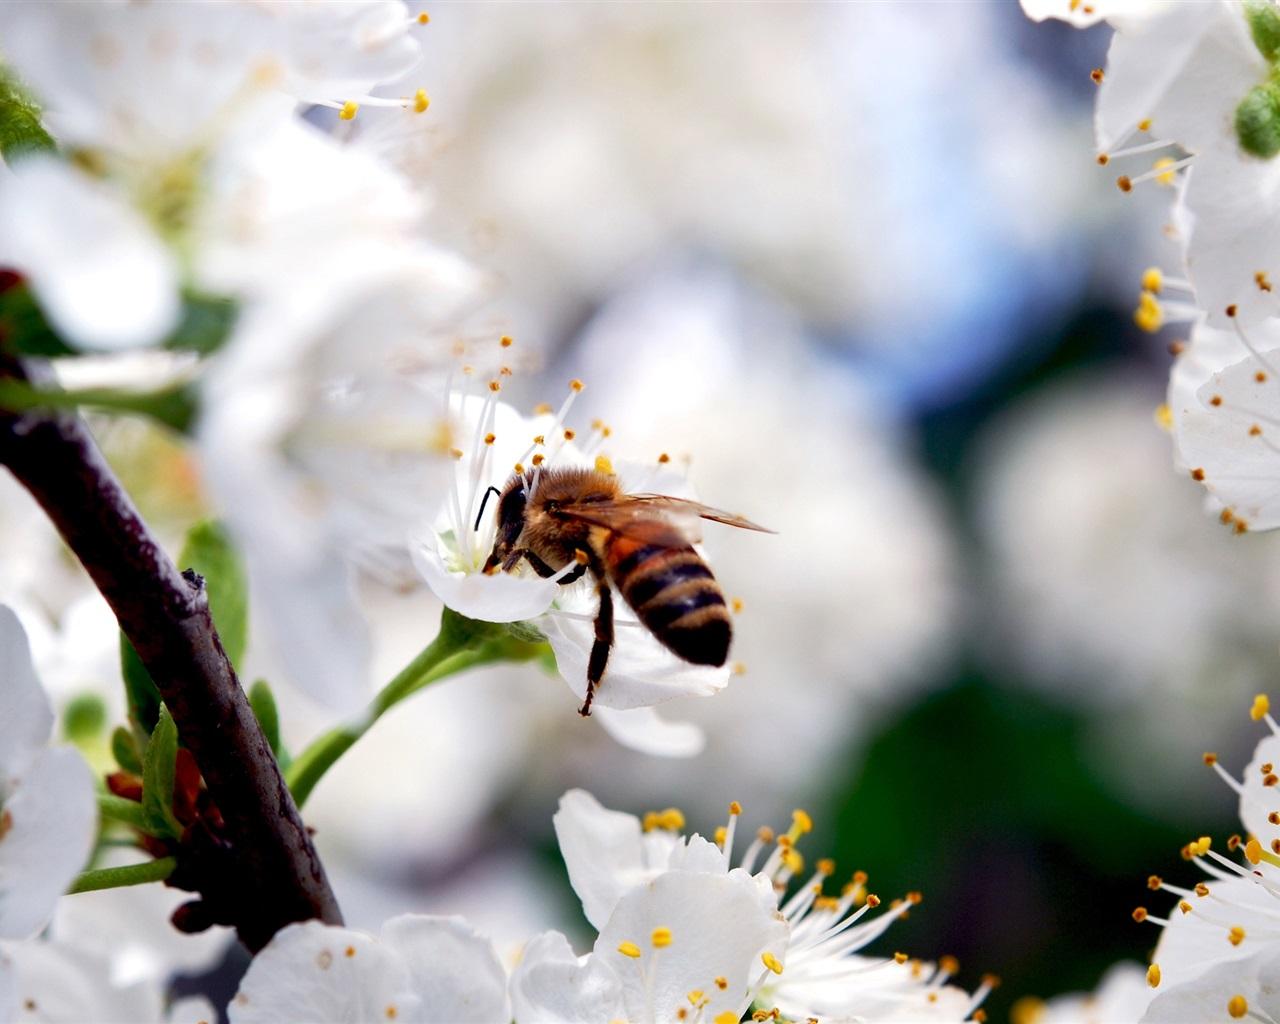 壁紙 白い桜の花、昆虫蜂、春 2560x1600 HD 無料のデスクトップの背景, 画像